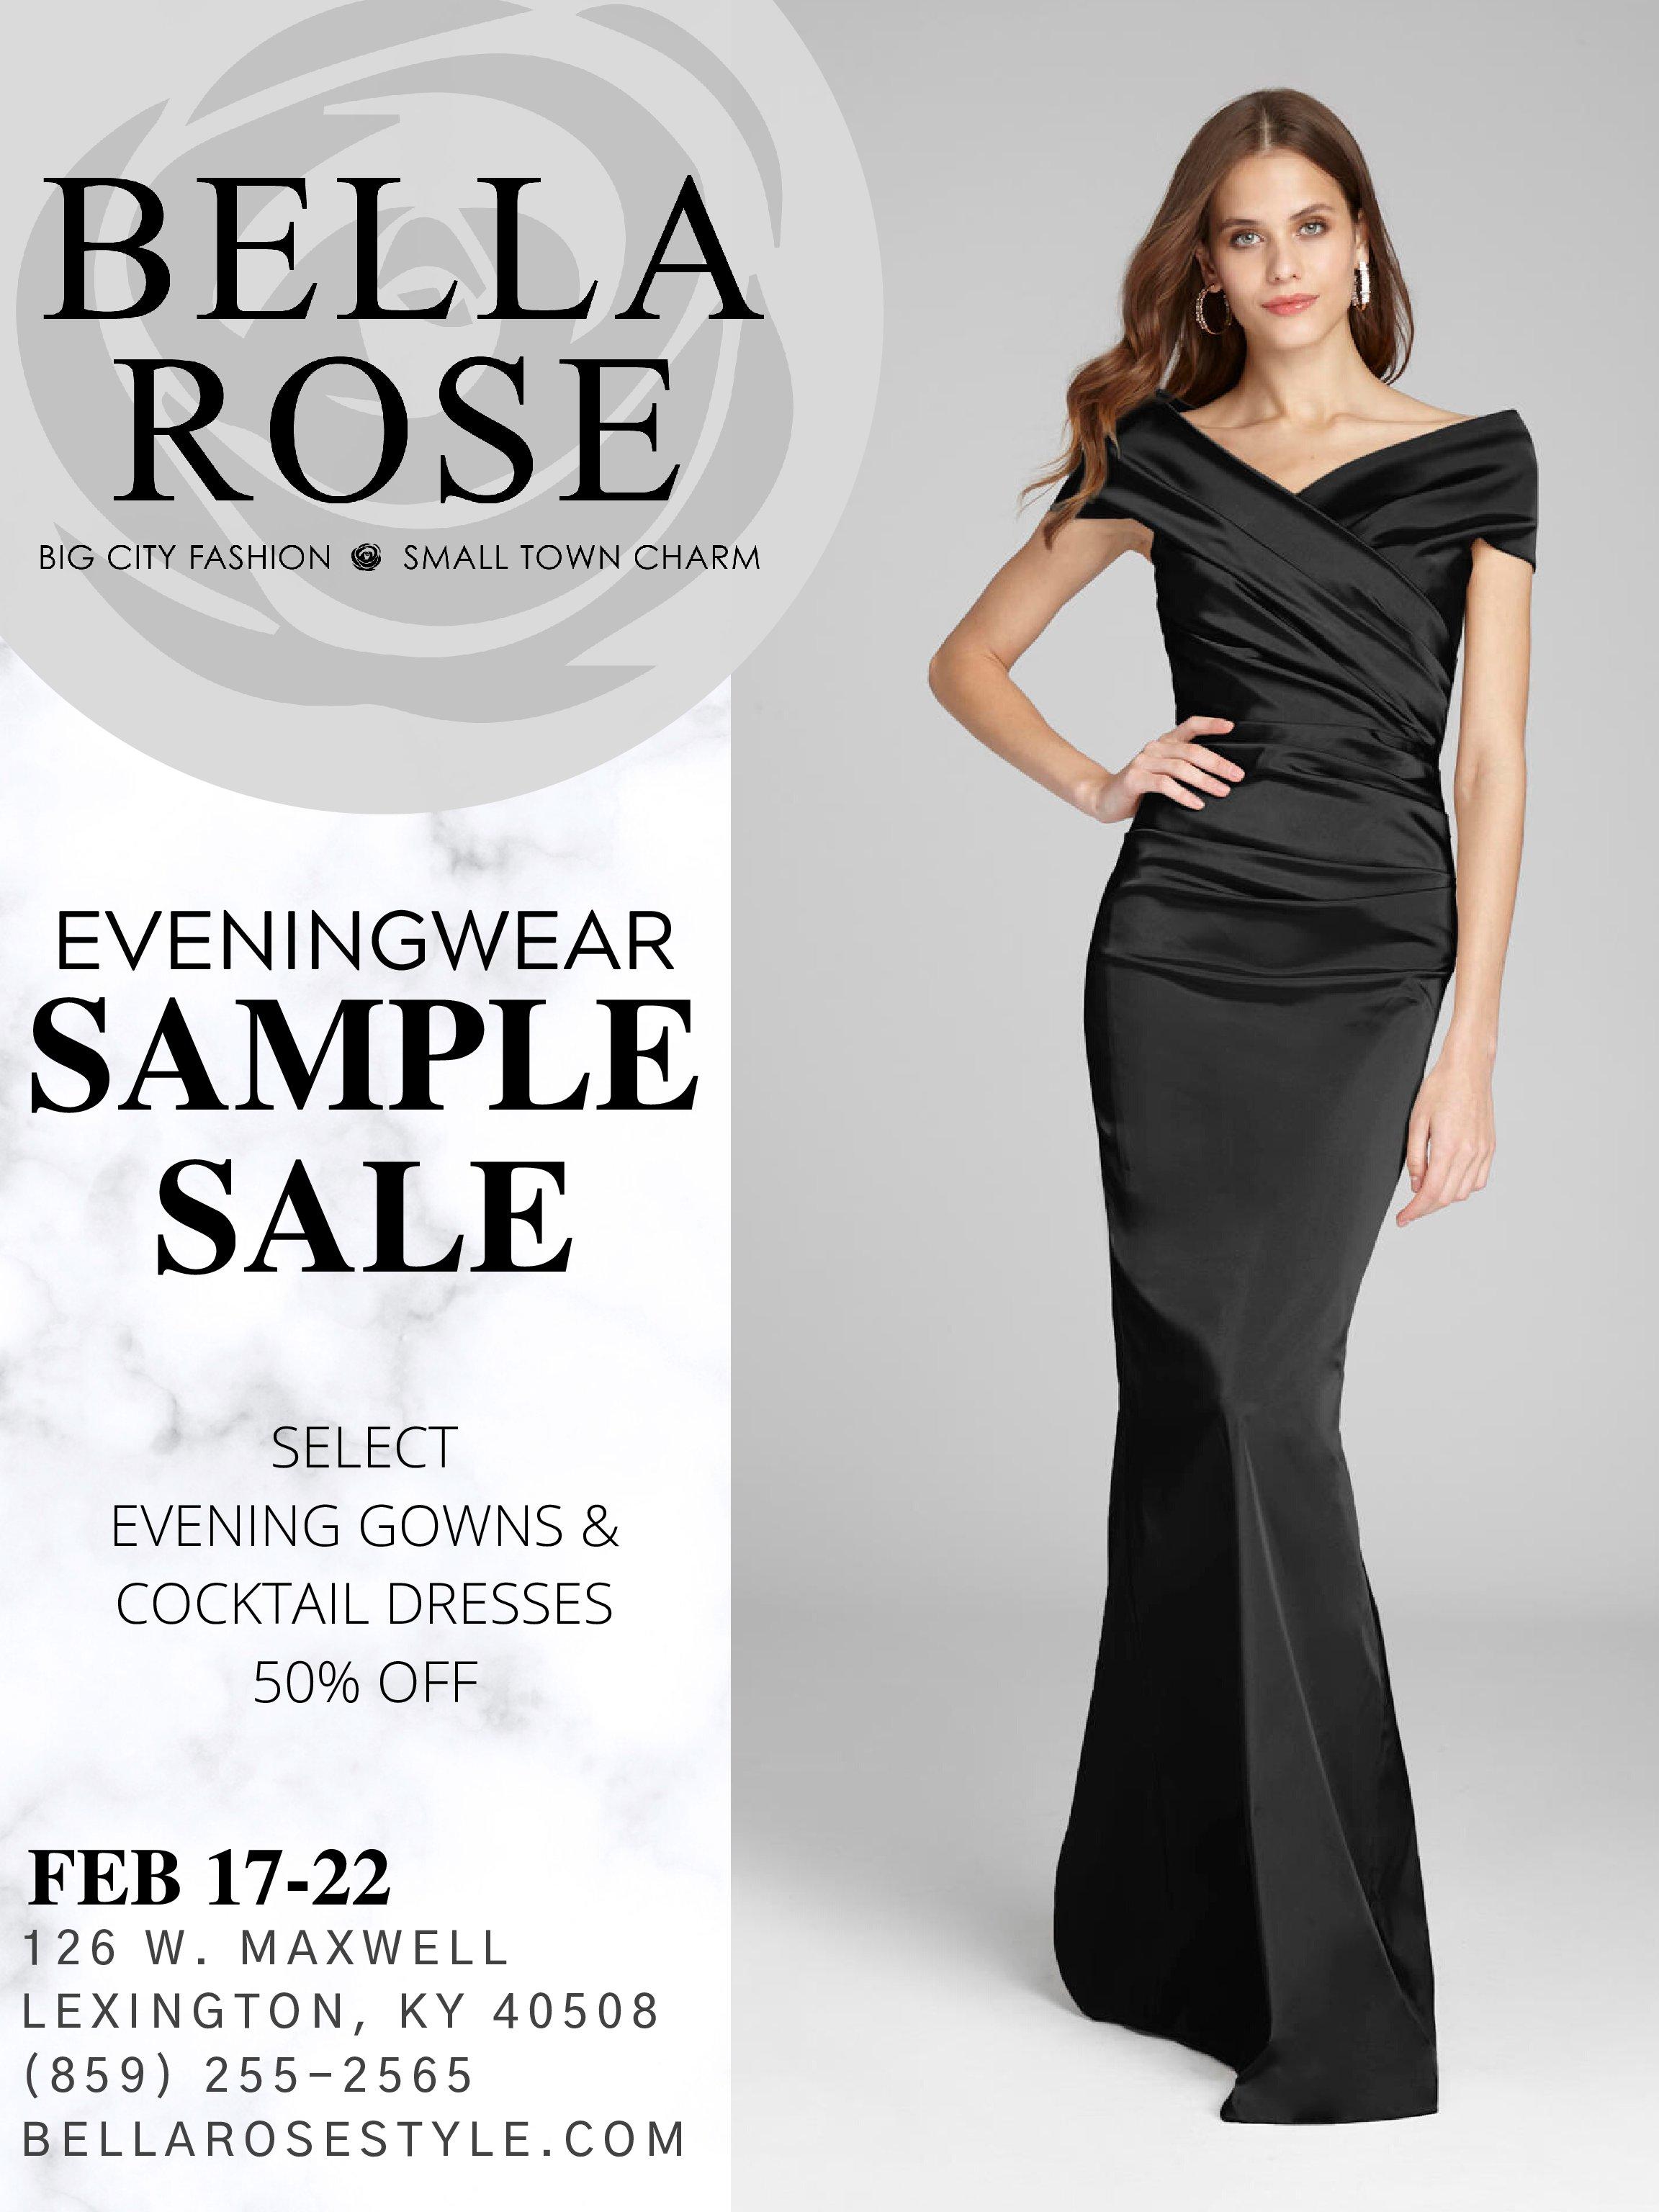 Bella Rose Eveningwear Sample Sale